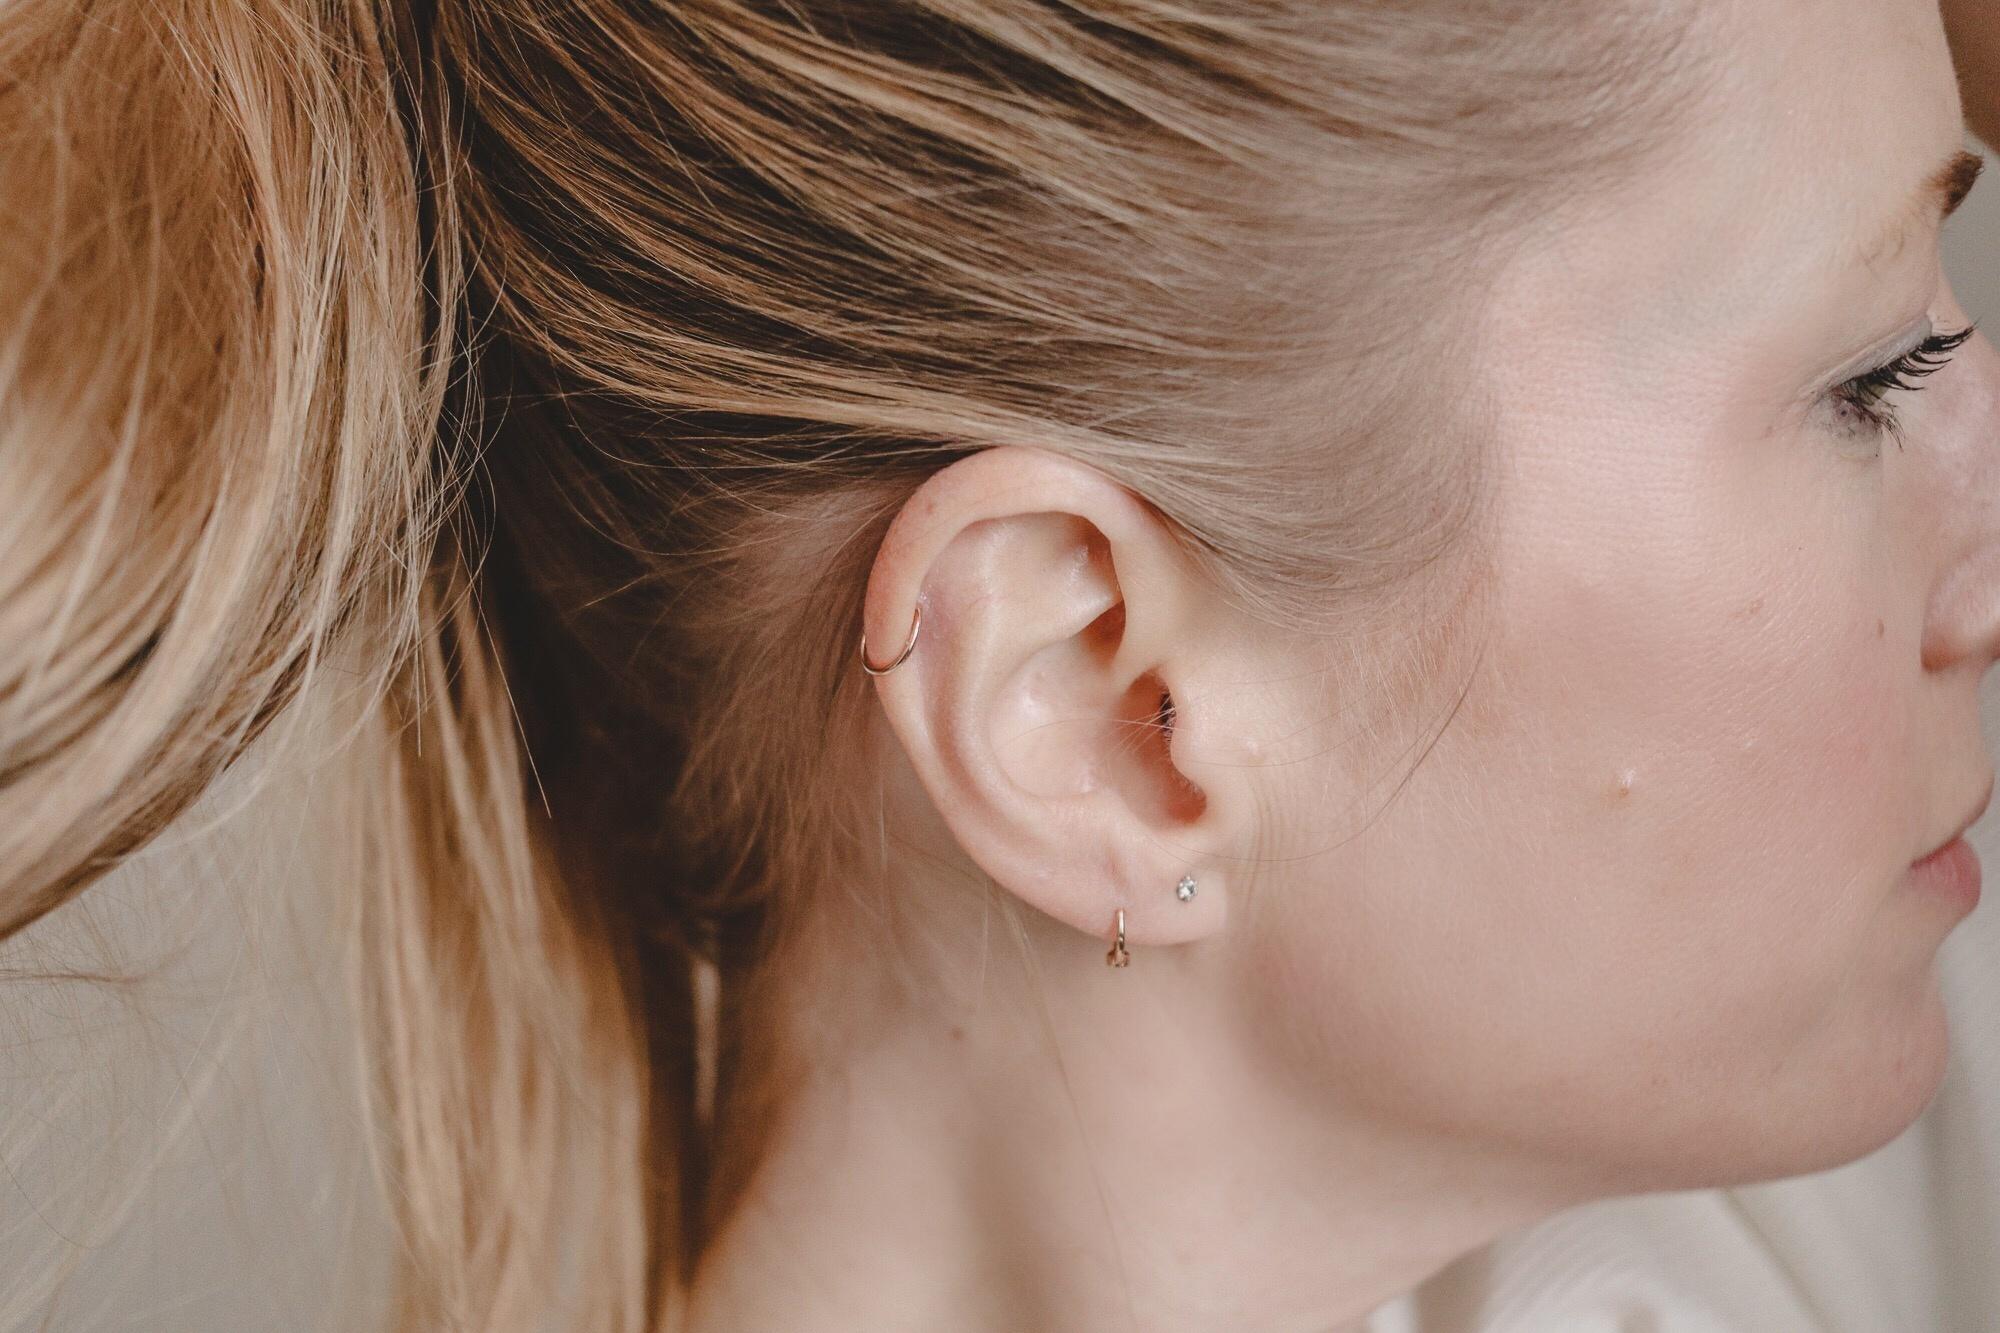 Welche seite ohrring mann Ohrring rechts